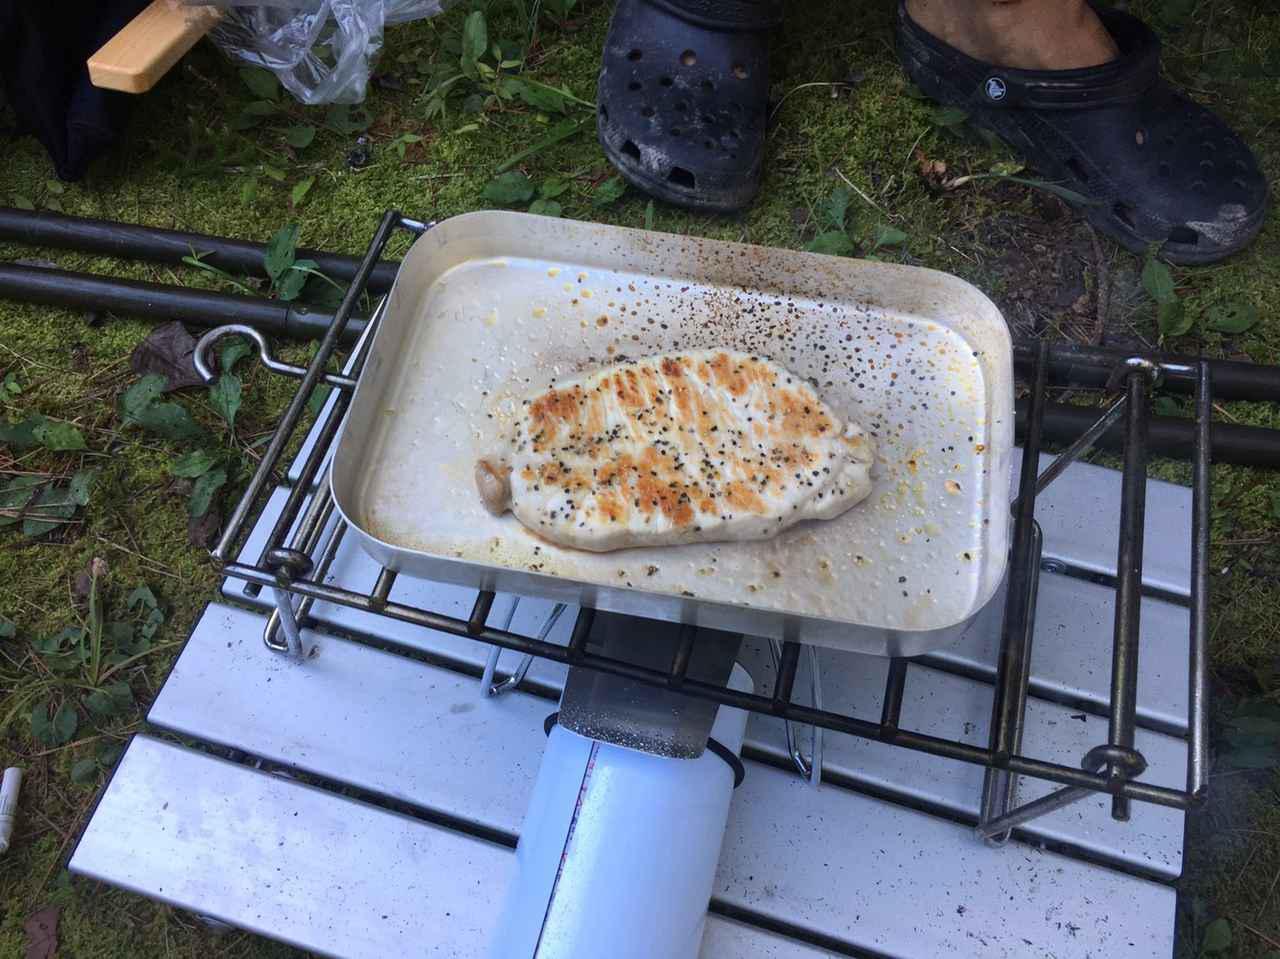 画像: キャンプ料理にメスティンを活用しよう!簡単レシピや便利な使い方をご紹介 - ハピキャン(HAPPY CAMPER)